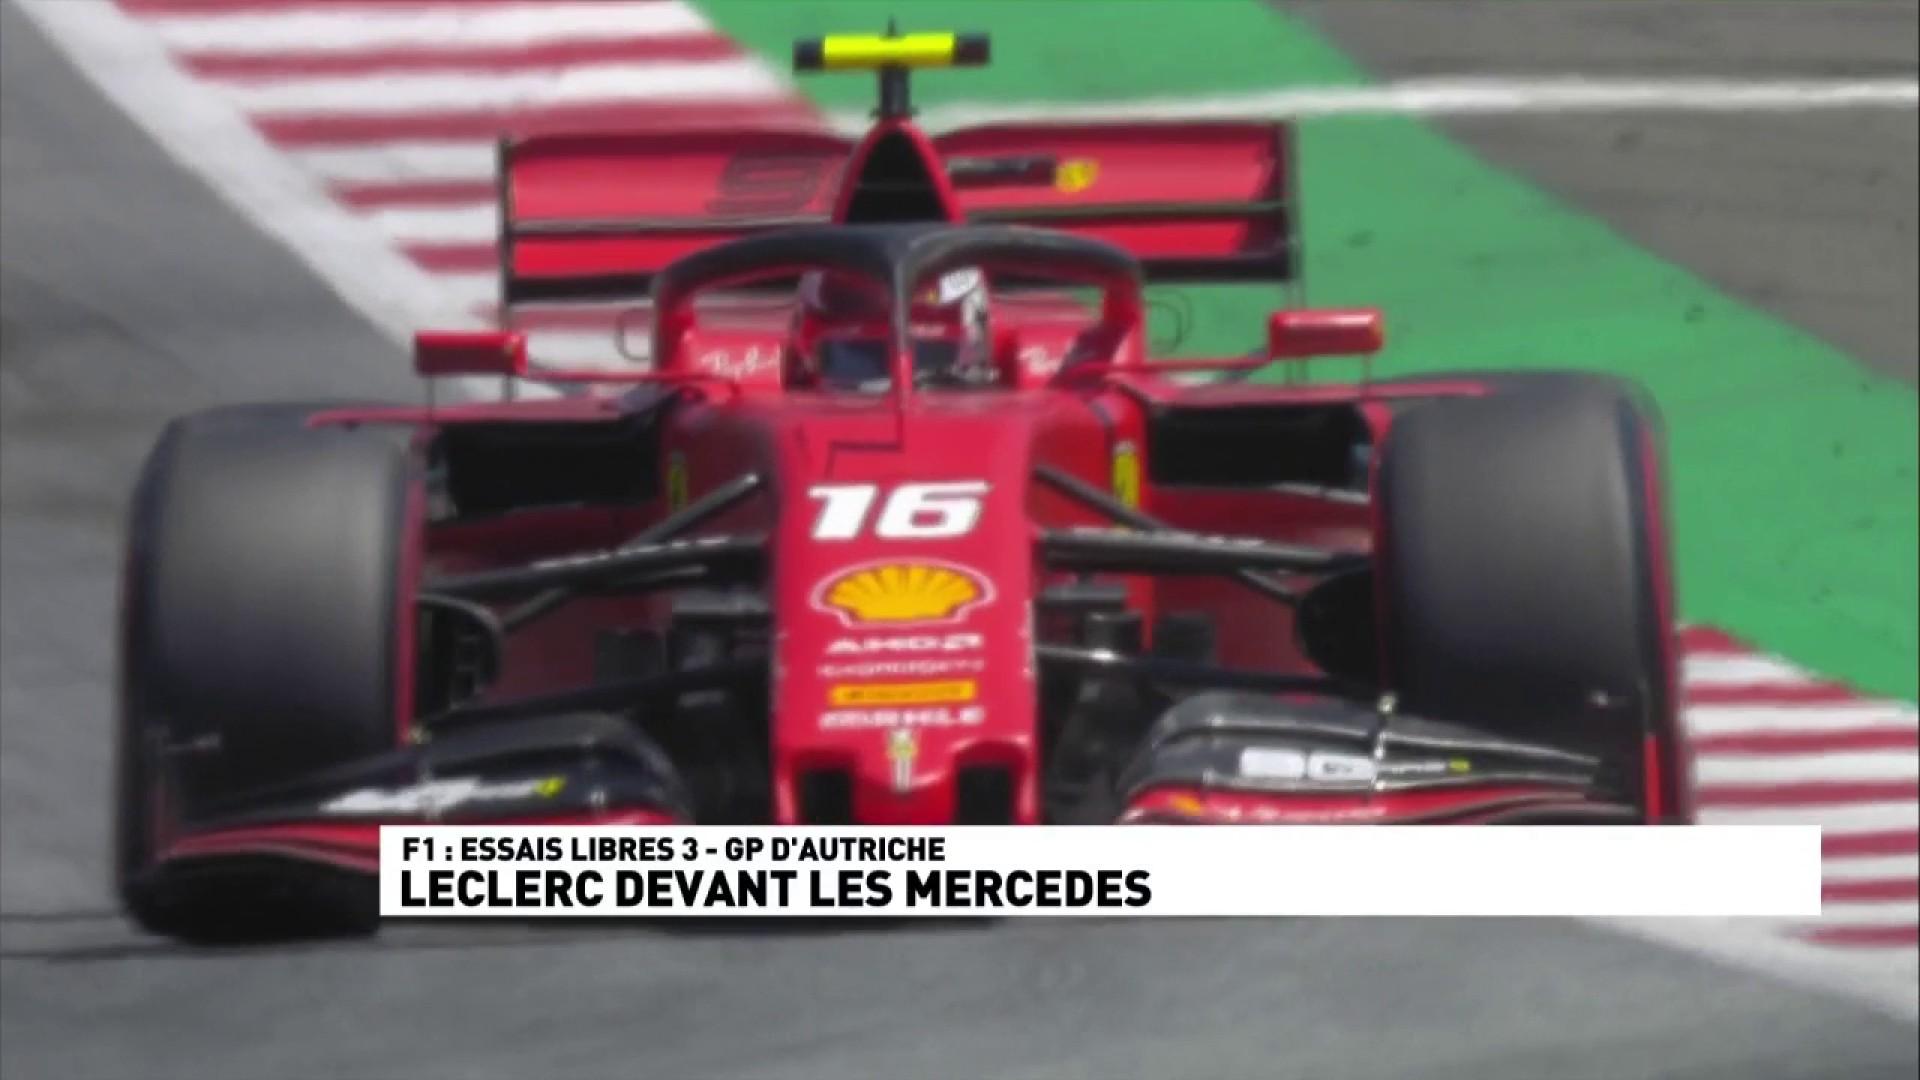 Essais libres 3 : Leclerc devant les Mercedes